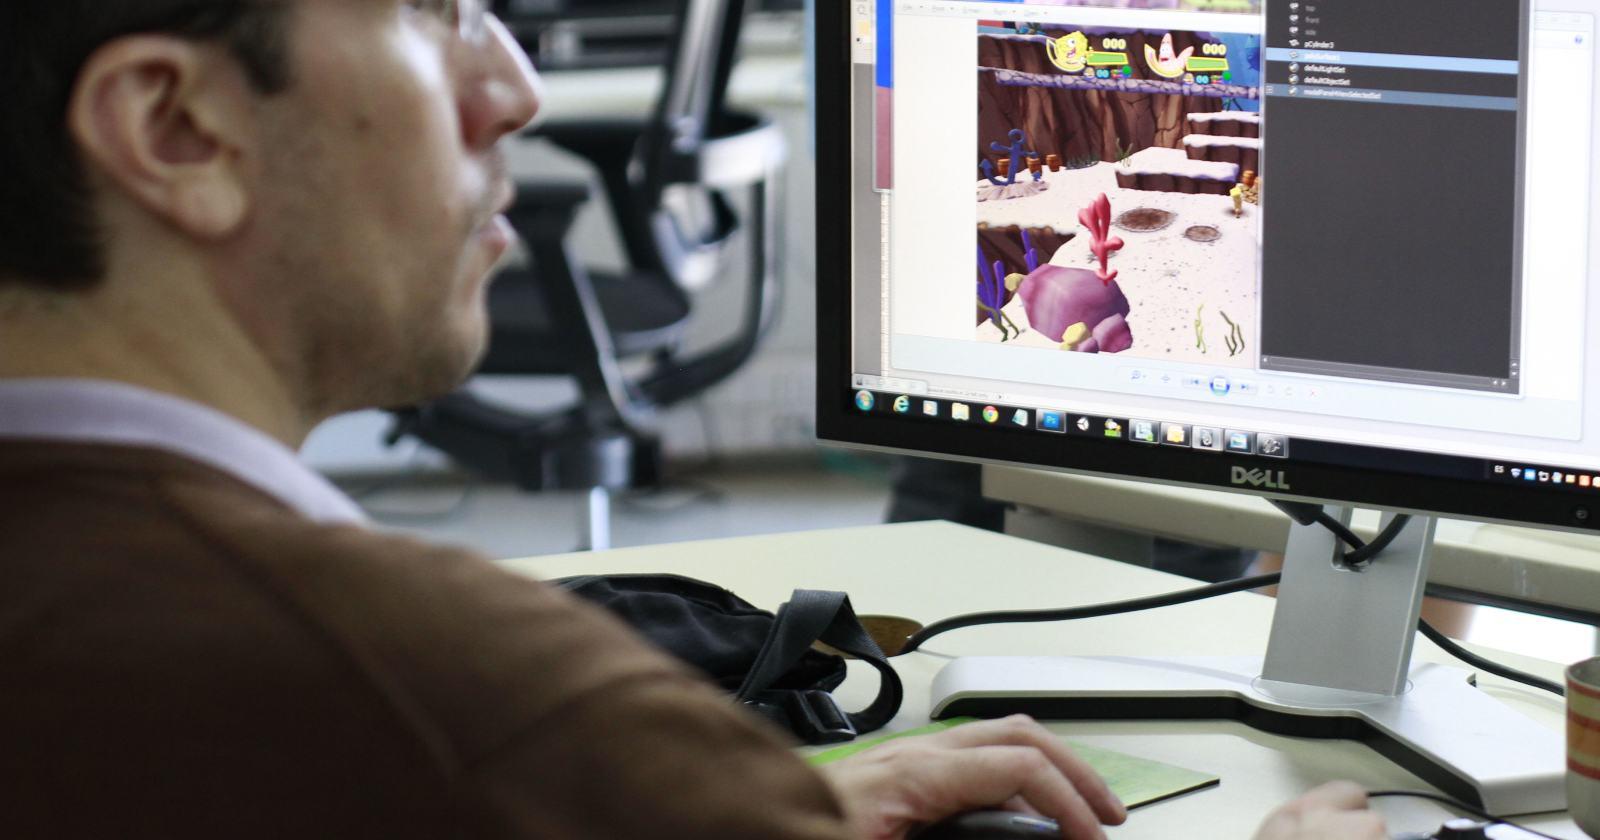 ¿Te gusta el cine y los videojuegos?: Animación Digital es para ti